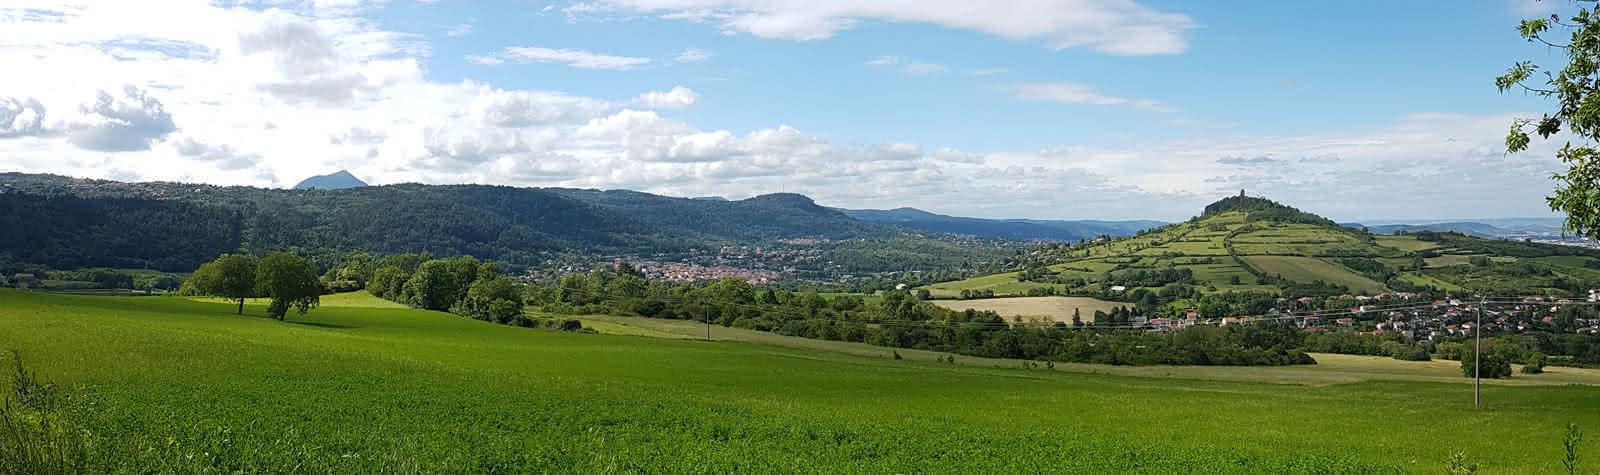 Plaine de Laschamps à Saint-Genès-Champanelle